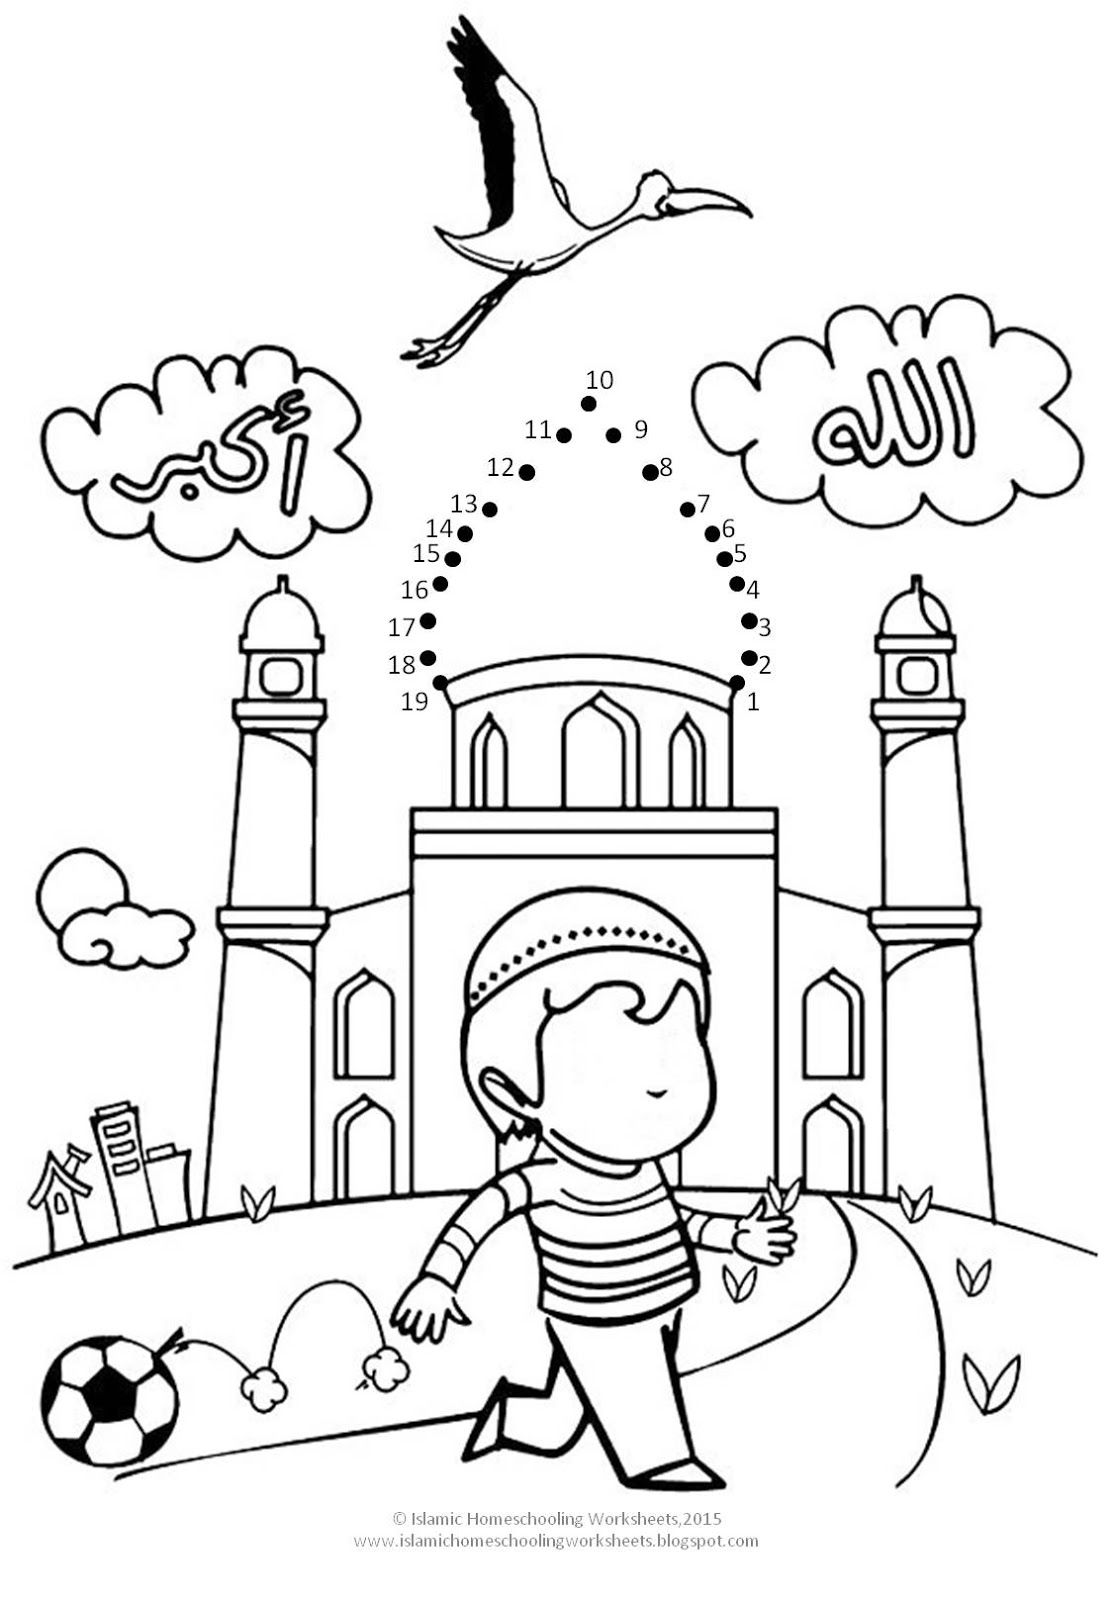 Islamic Homeschooling Boyama sayfaları, Boyama kitapları